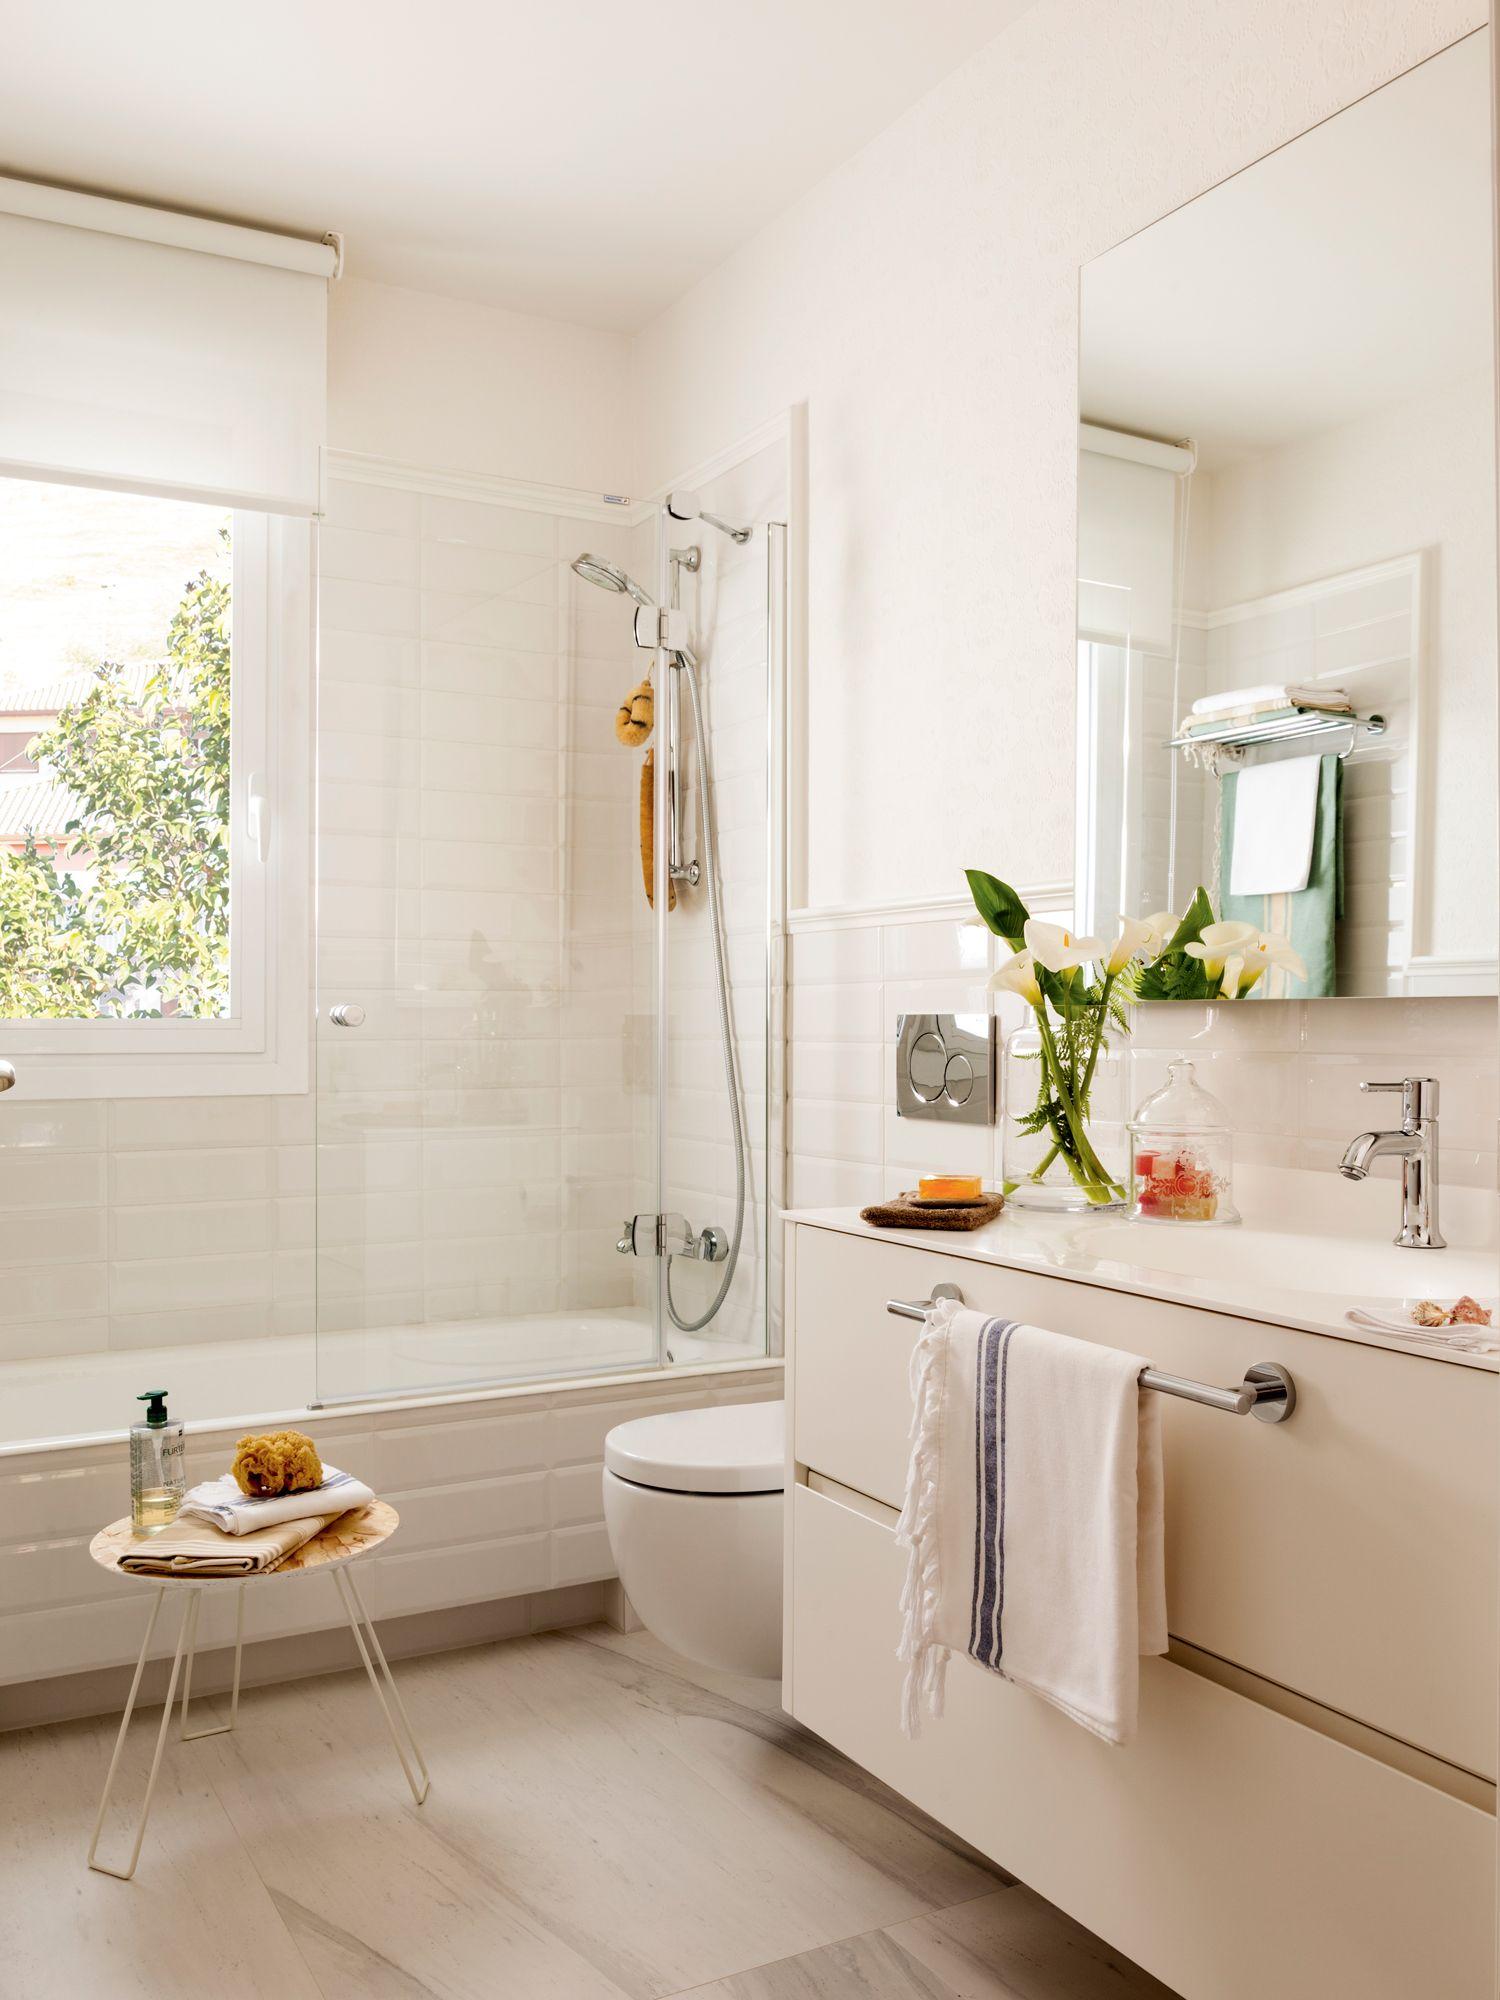 Cambia el espejo ba os peque os ba os modernos ba os for Espejos para banos modernos y pequenos